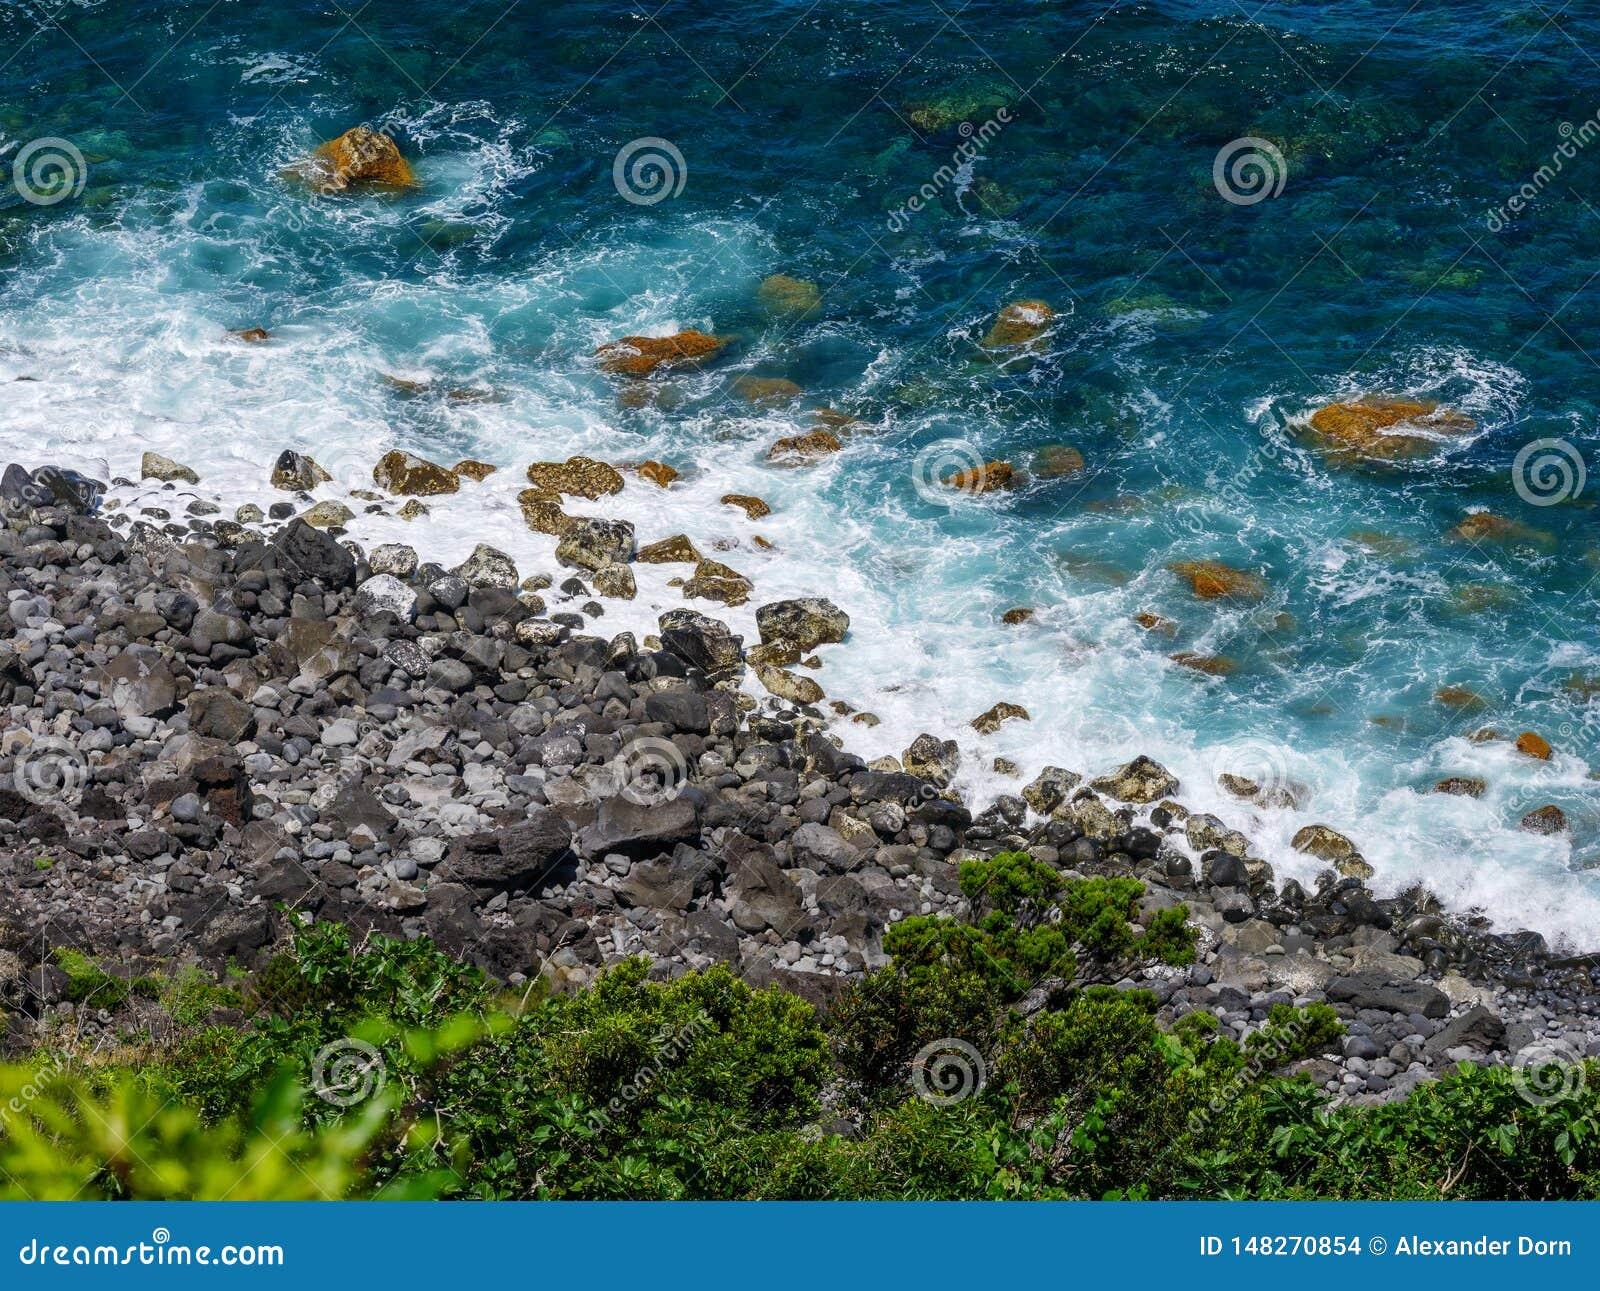 Beeld van overzees met rotsen langs een kust